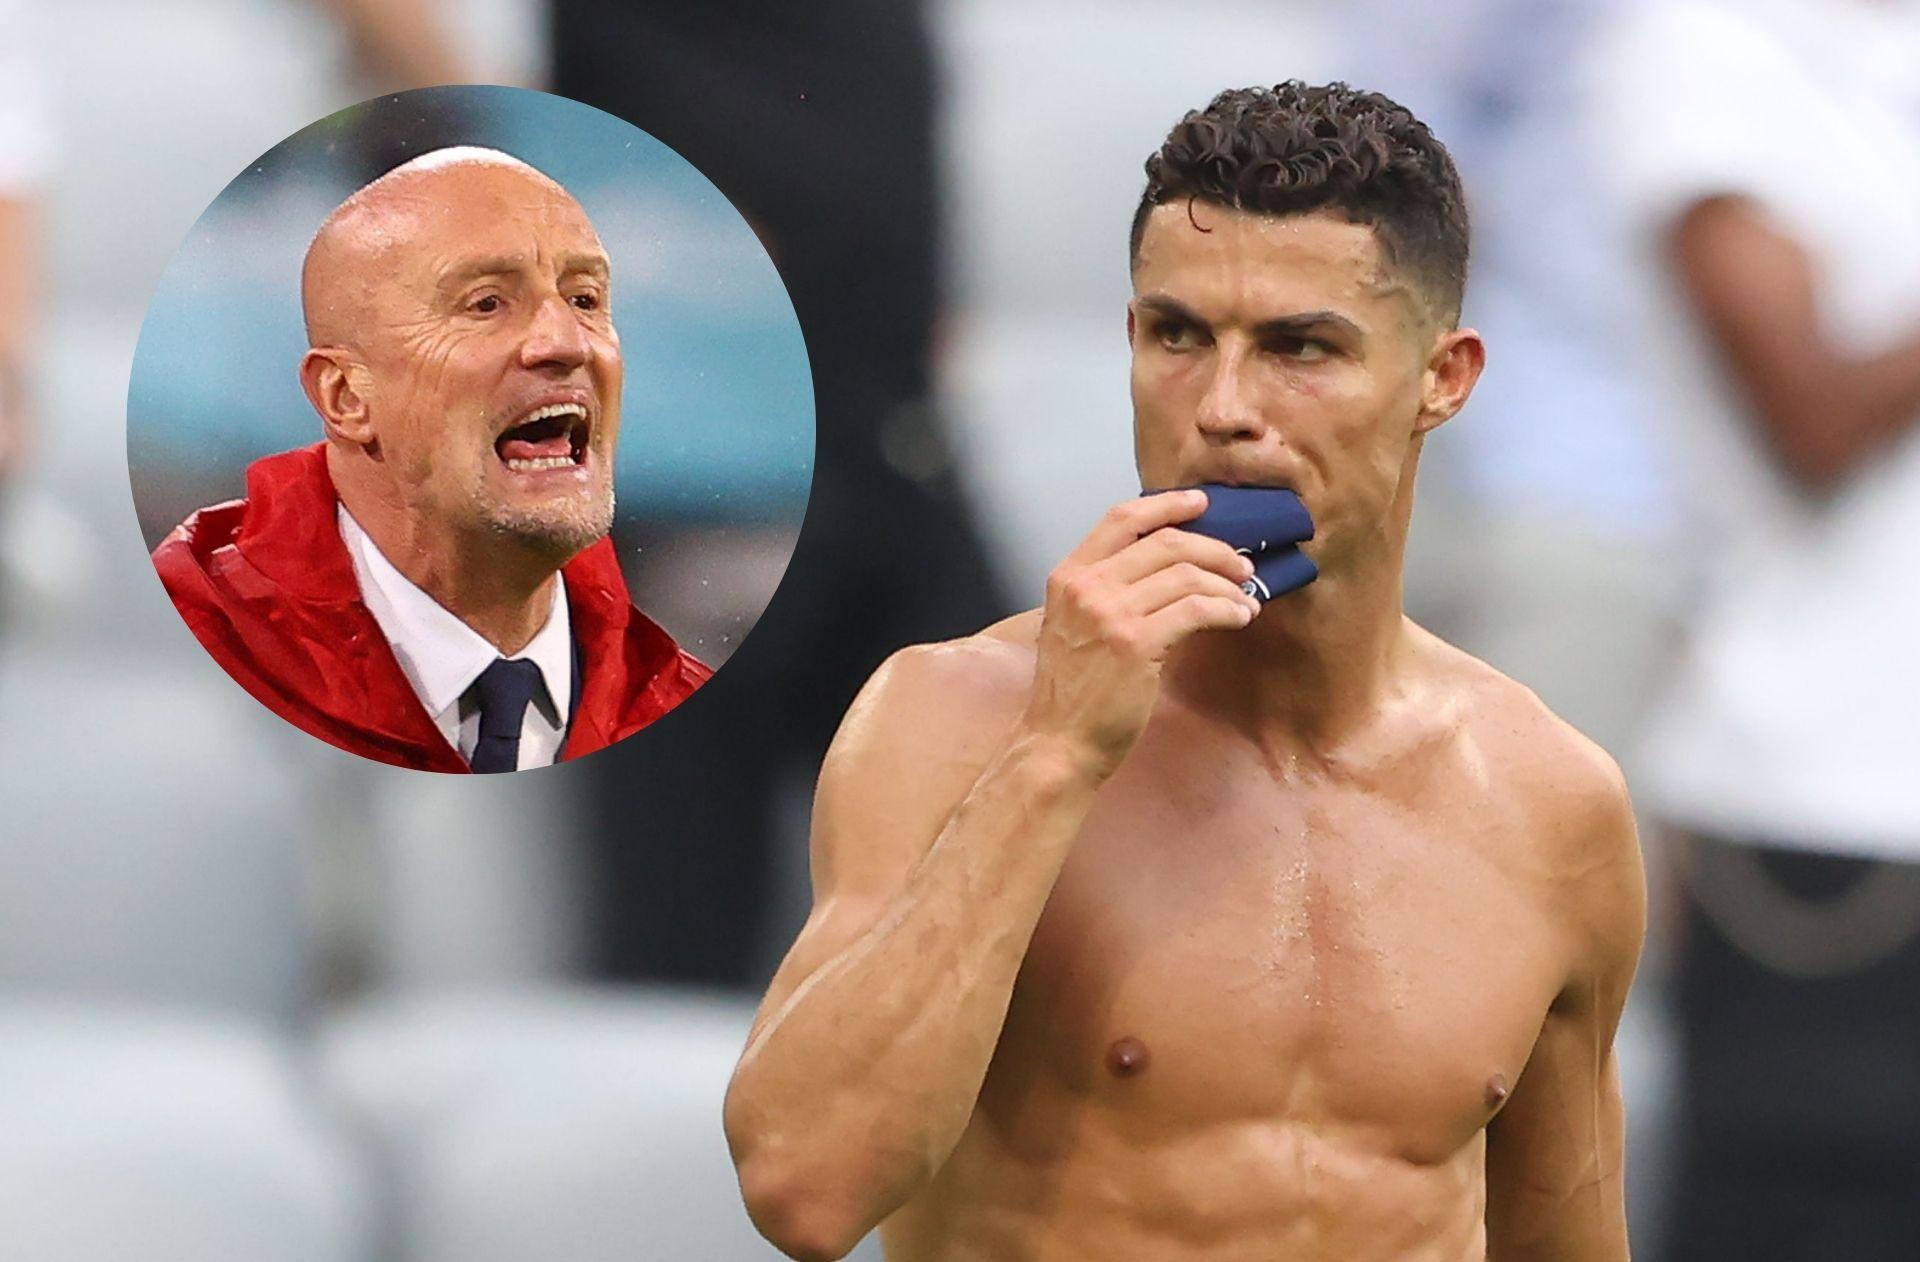 Marco Rossi - Hungary, Cristiano Ronaldo - Portugal